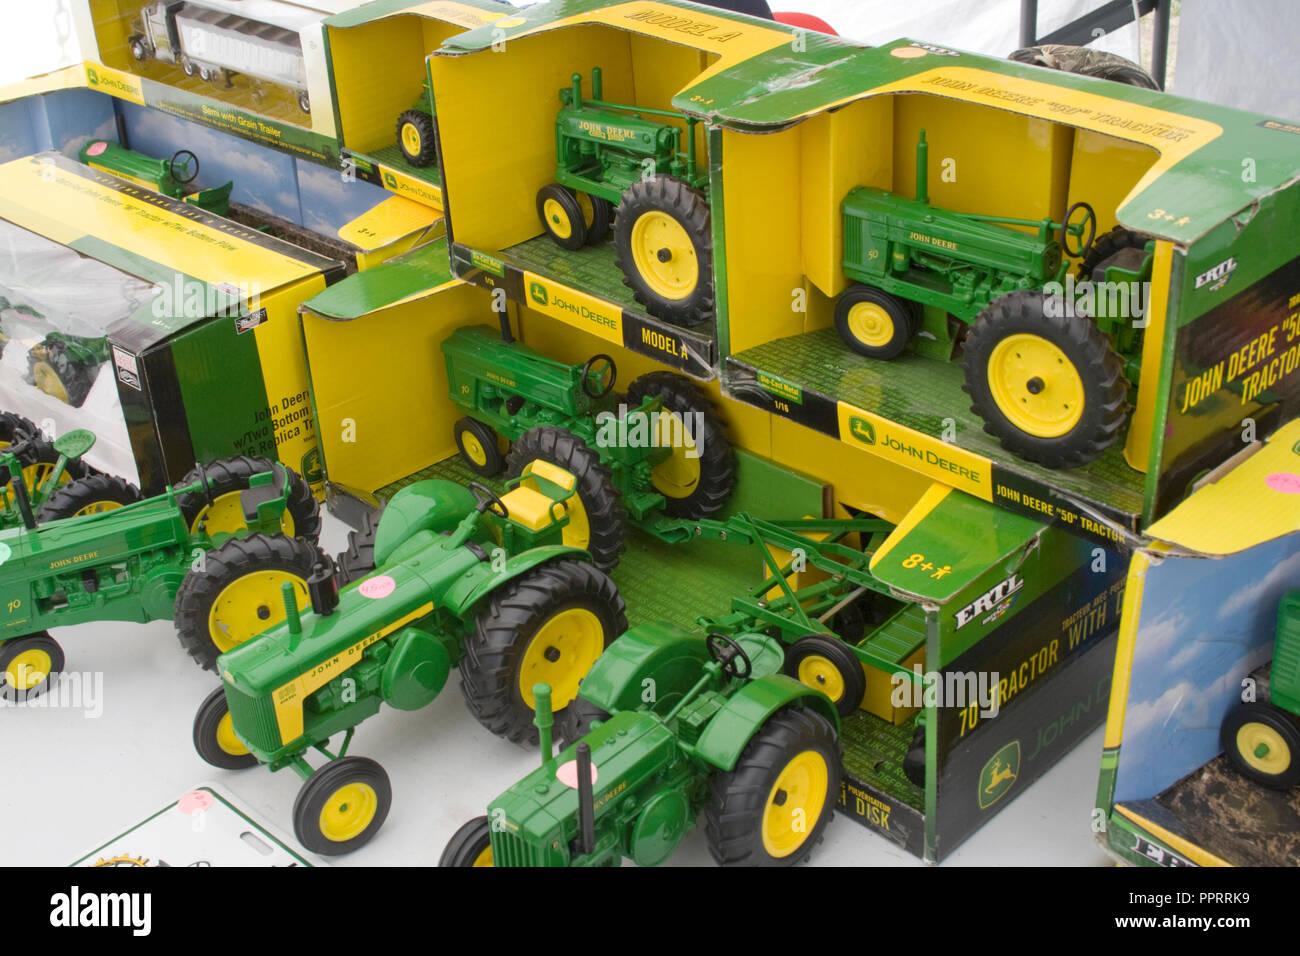 Toy Tractors For Sale >> Display Of Jon Deere Green Toy Tractors For Sale At The Battle Lake